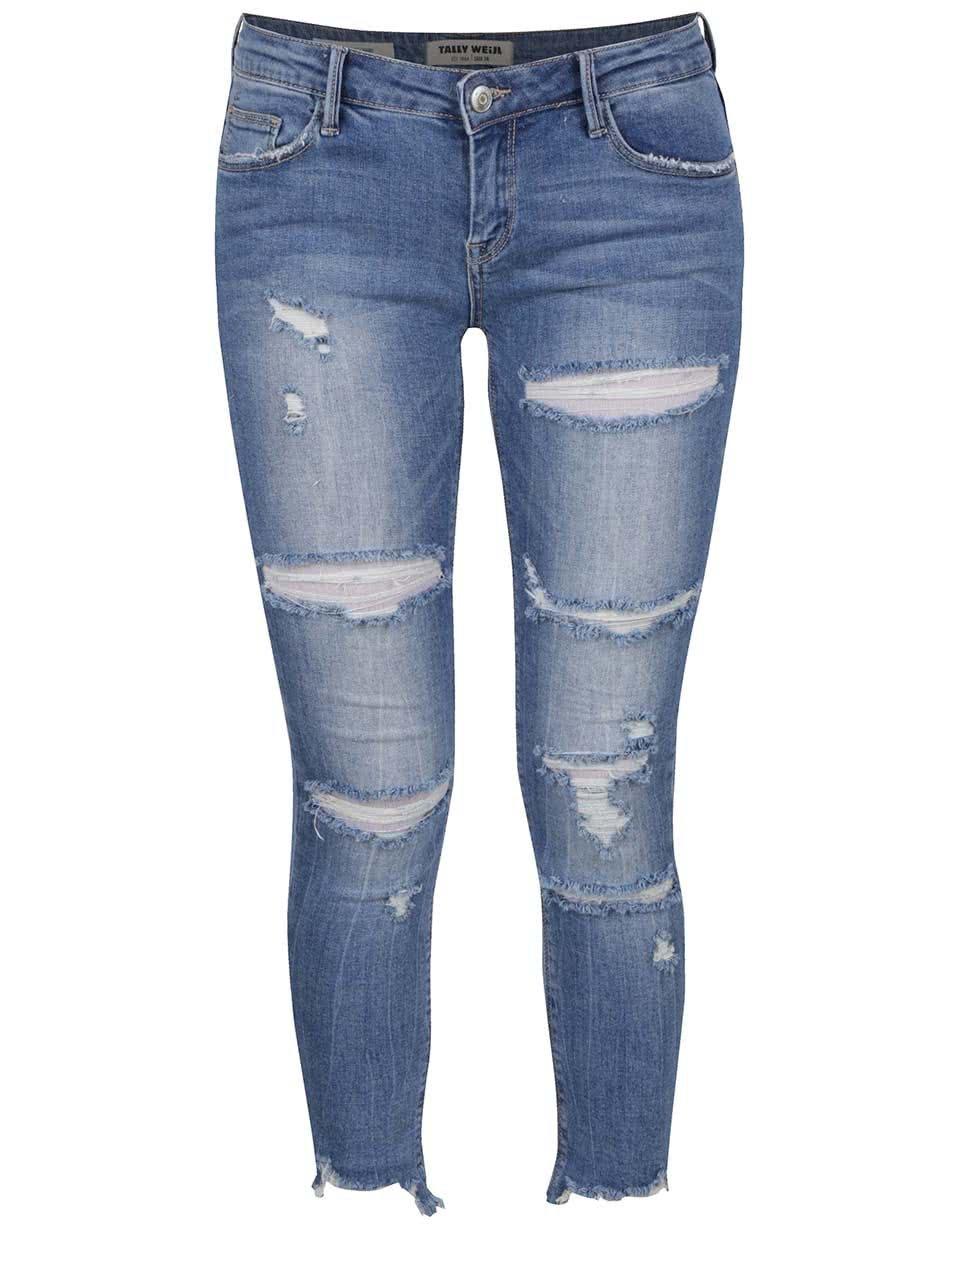 0085d657f33 Světle modré zkrácené džíny s potrhaným efektem TALLY WEiJL - Akční ...